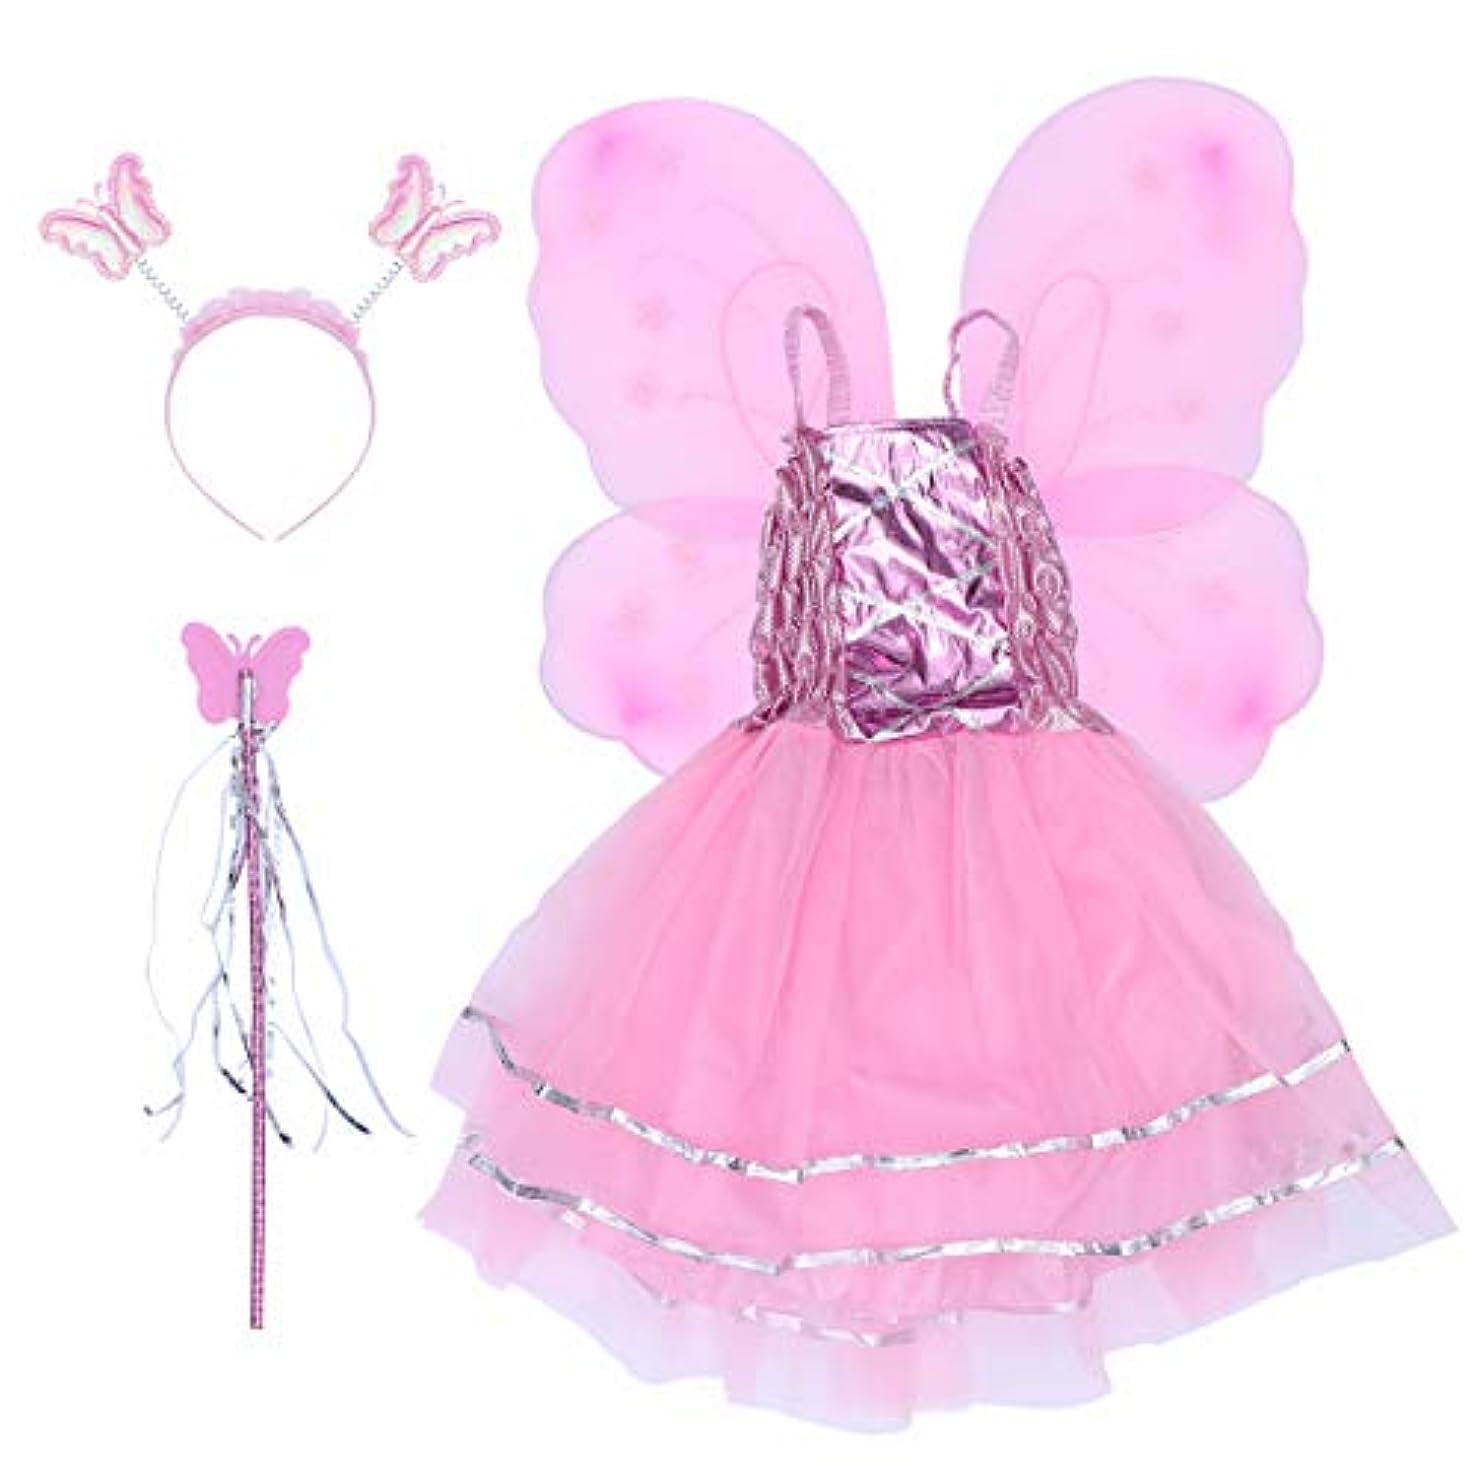 レンド圧力口実BESTOYARD 4本の女の子バタフライプリンセス妖精のコスチュームセットバタフライウィング、ワンド、ヘッドバンドとツツードレス(ピンク)